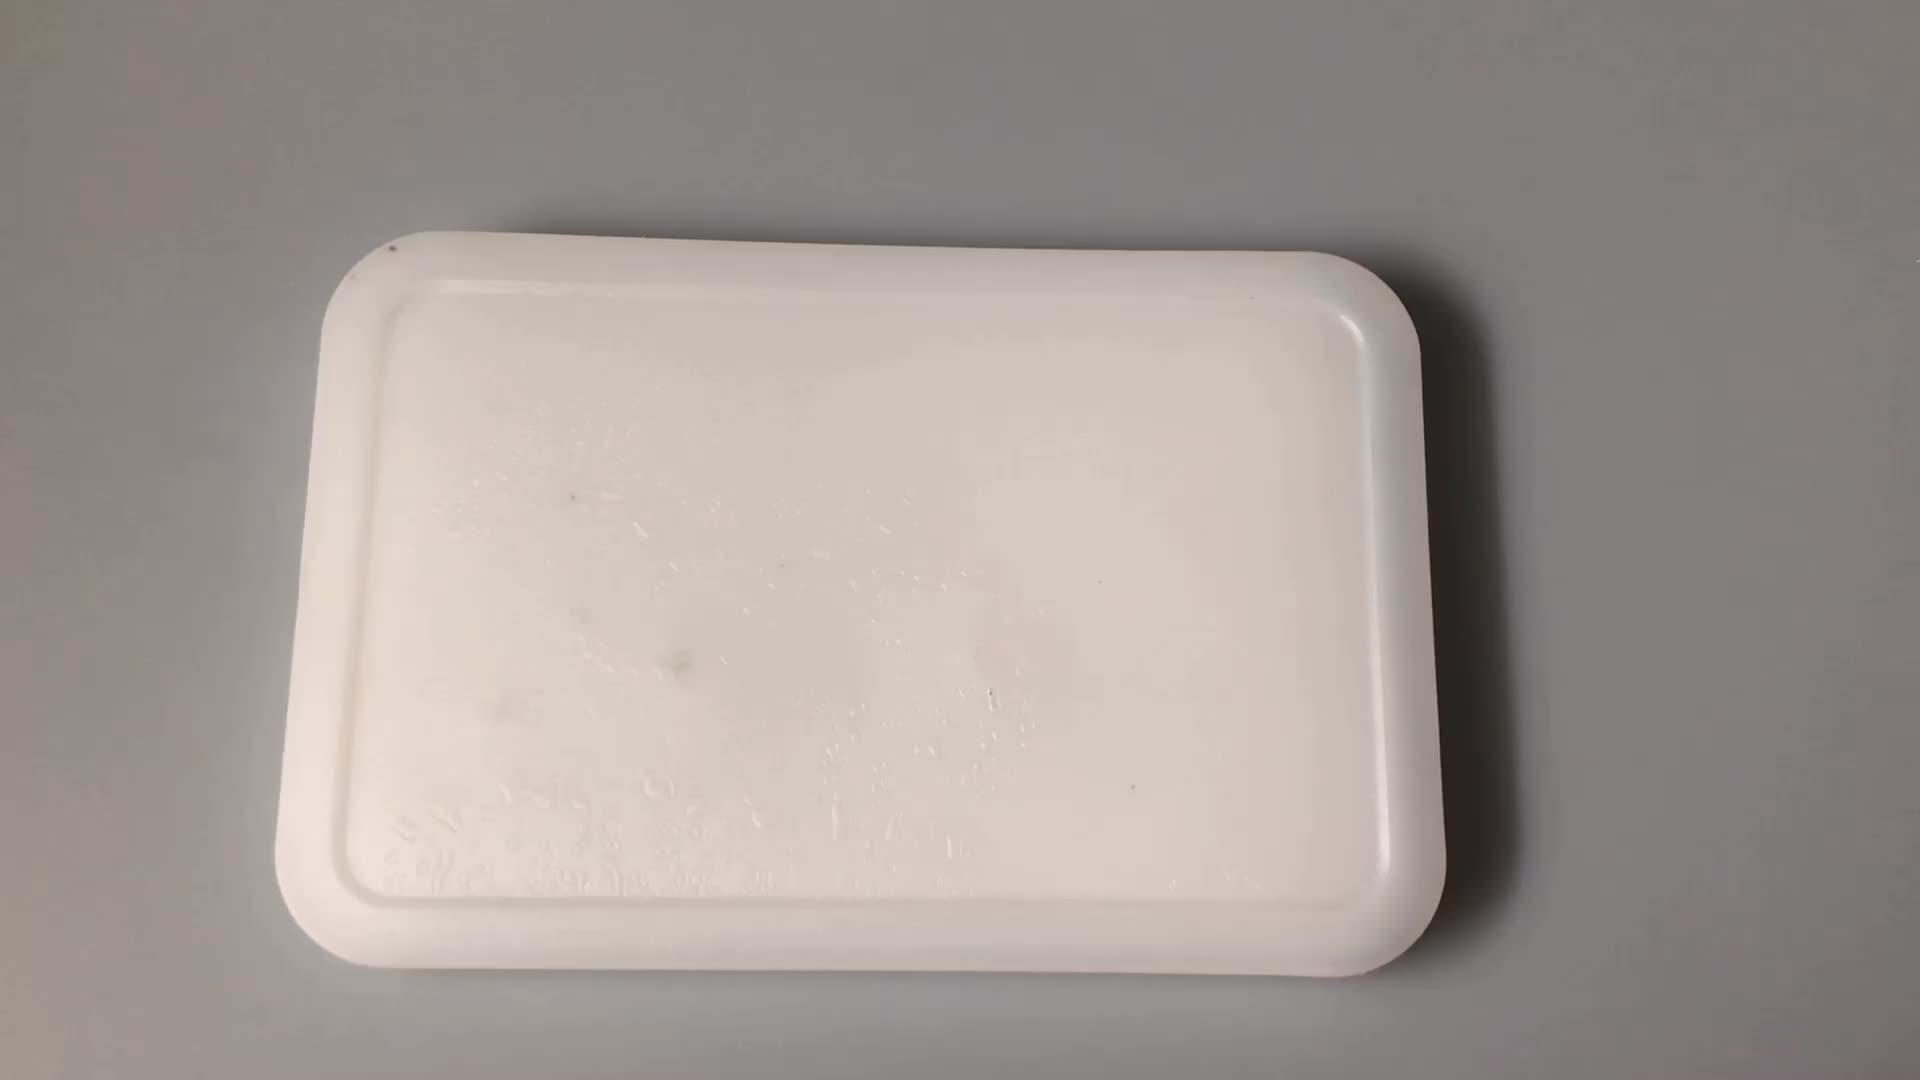 Gıda sınıfı plastik özel boyut buzluk çanta yeniden kullanılabilir İnce jel buz paketleme kutusu öğle yemeği için